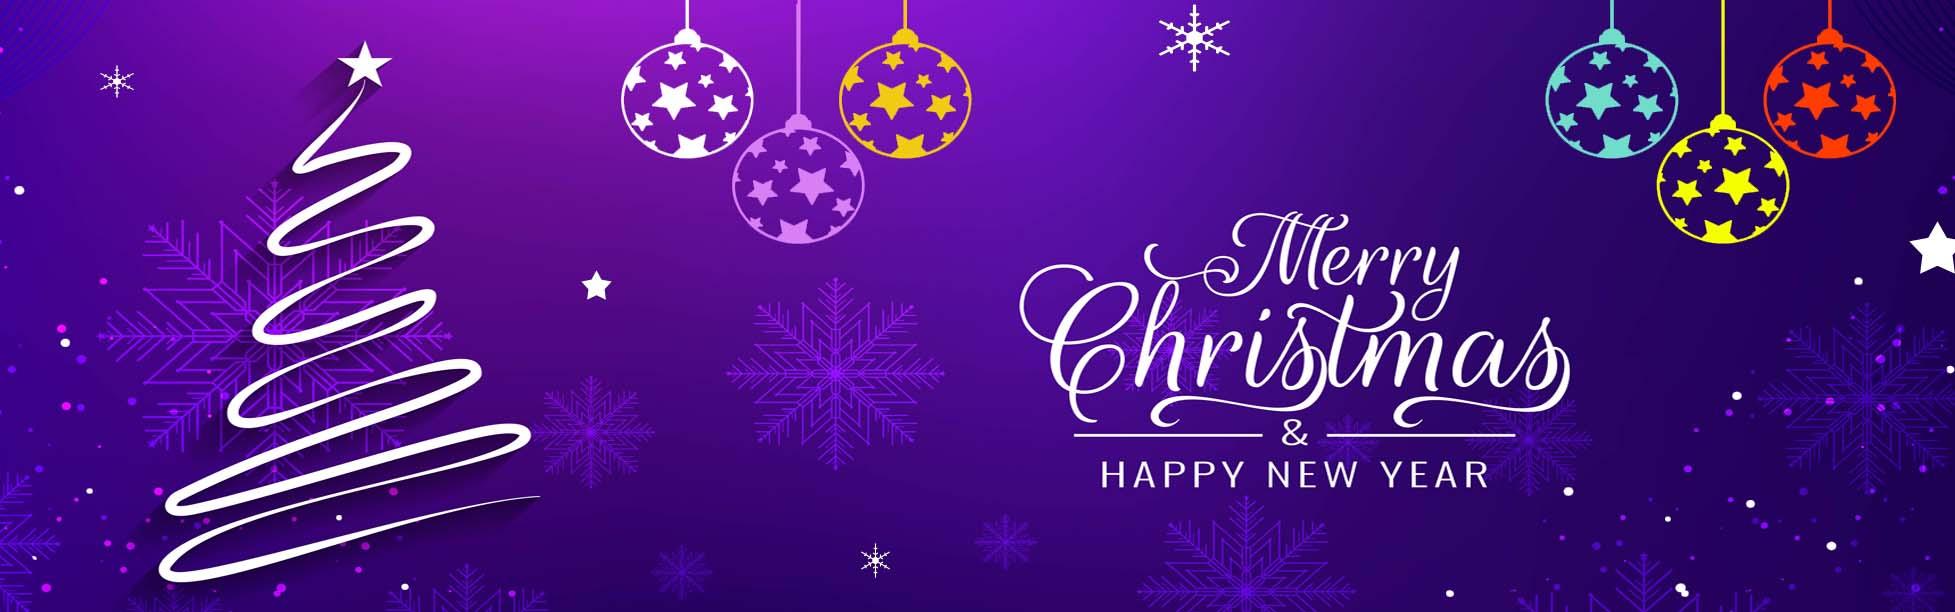 Merry Chrixtmas from Handmade Gift Company